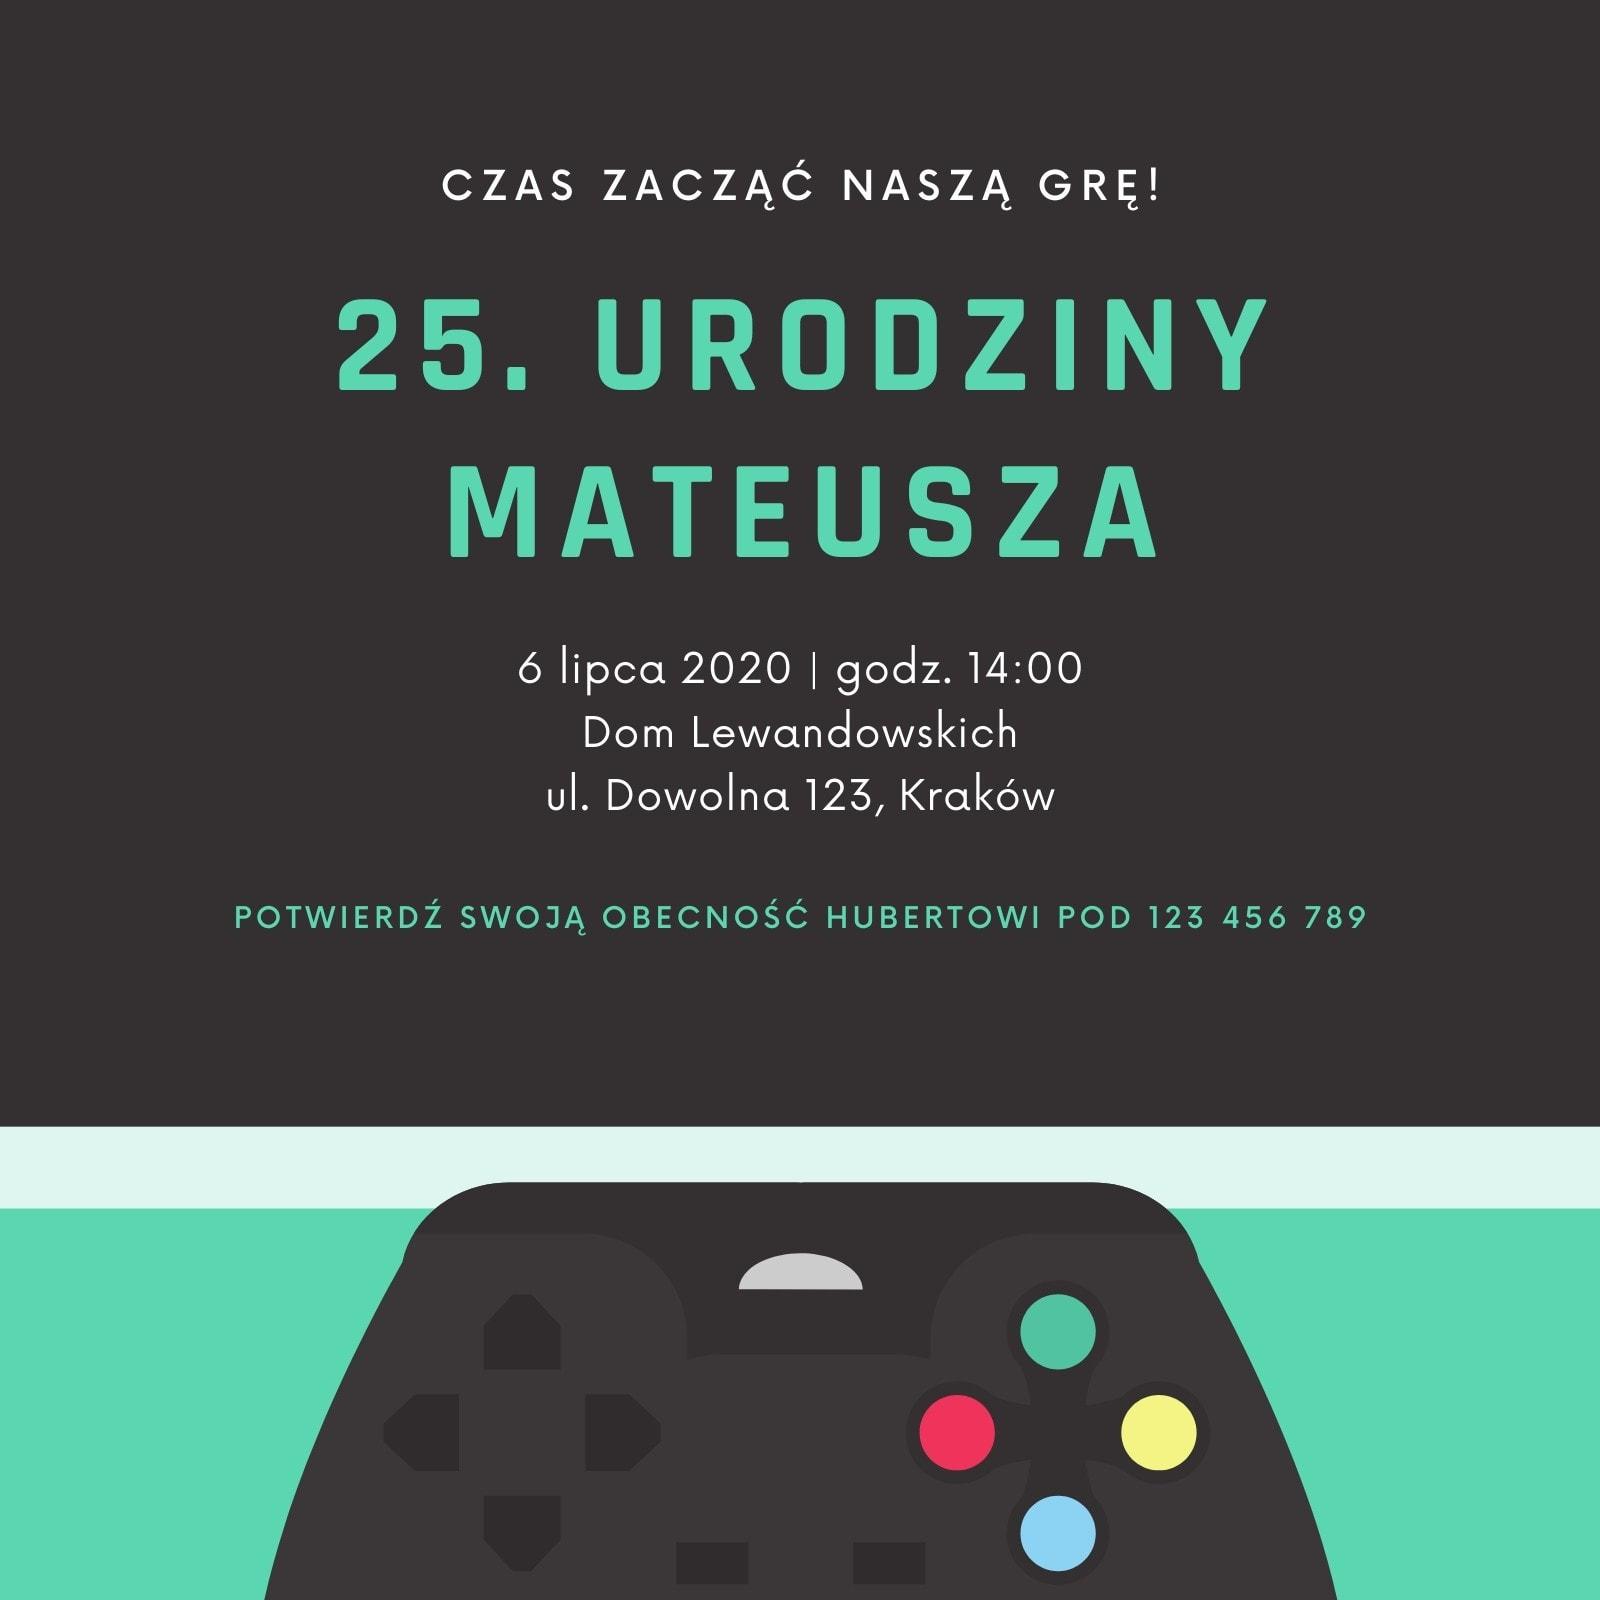 Turkusowe Gra Pad 25. Urodziny Impreza Zaproszenie